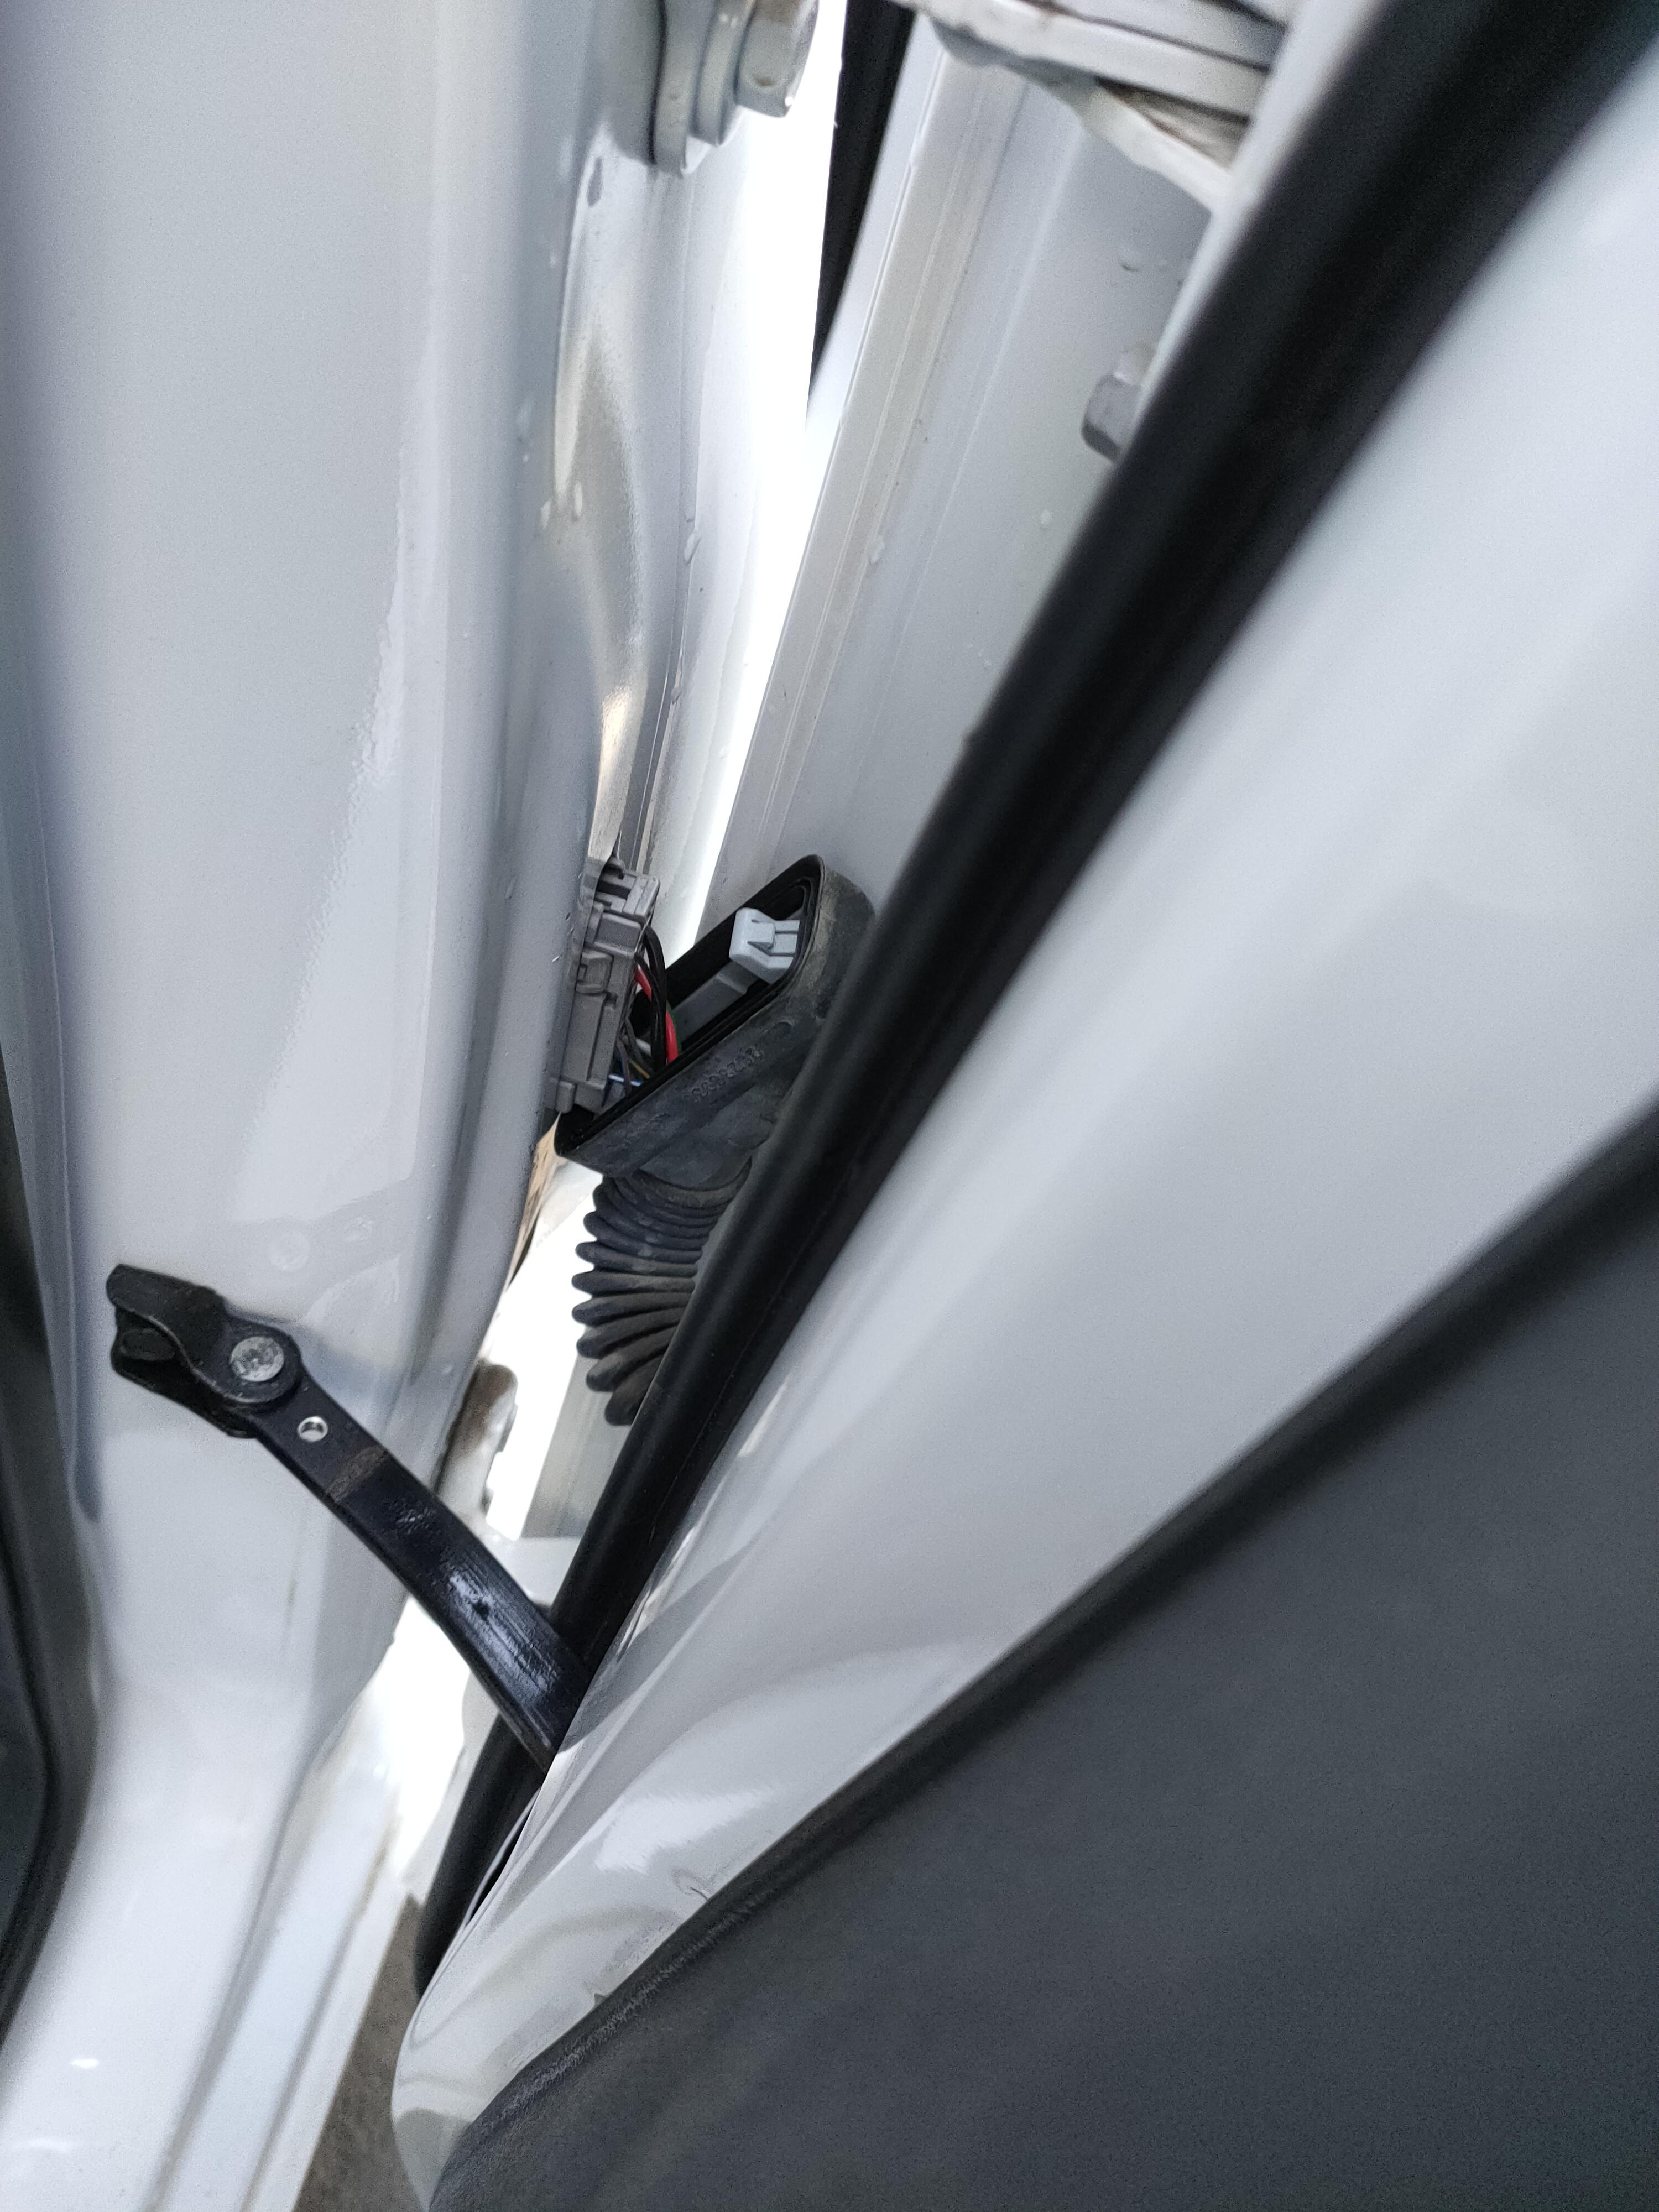 上汽通用雪佛兰科沃兹车辆发动机故障灯多次异常亮起,4S店多次更换配件维修后问题依旧存在